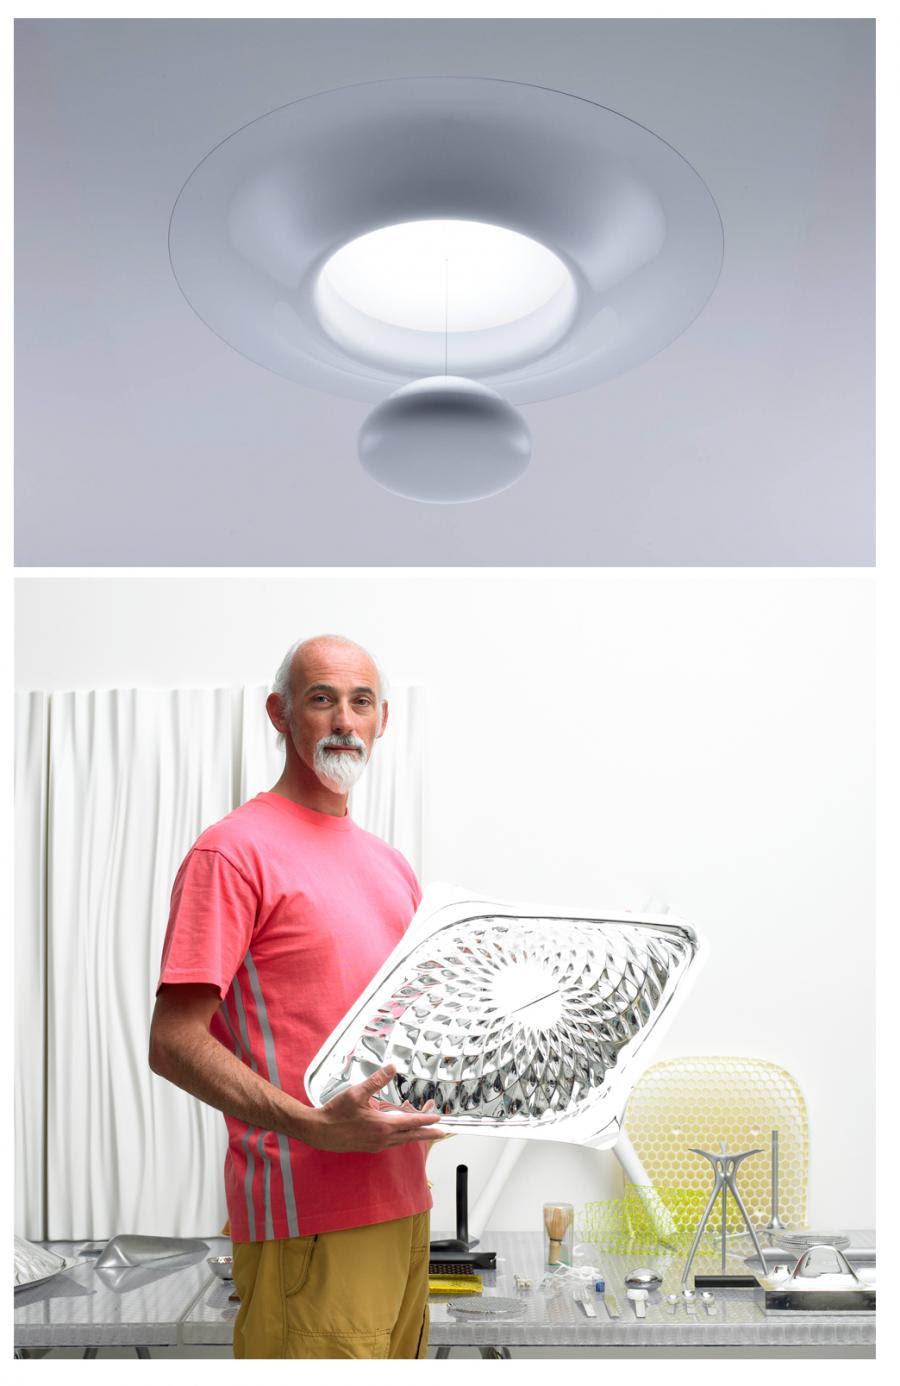 Tubo Solar Lovegrove - Velux, ilminacion, decoracion, diseño, sustentabilidad